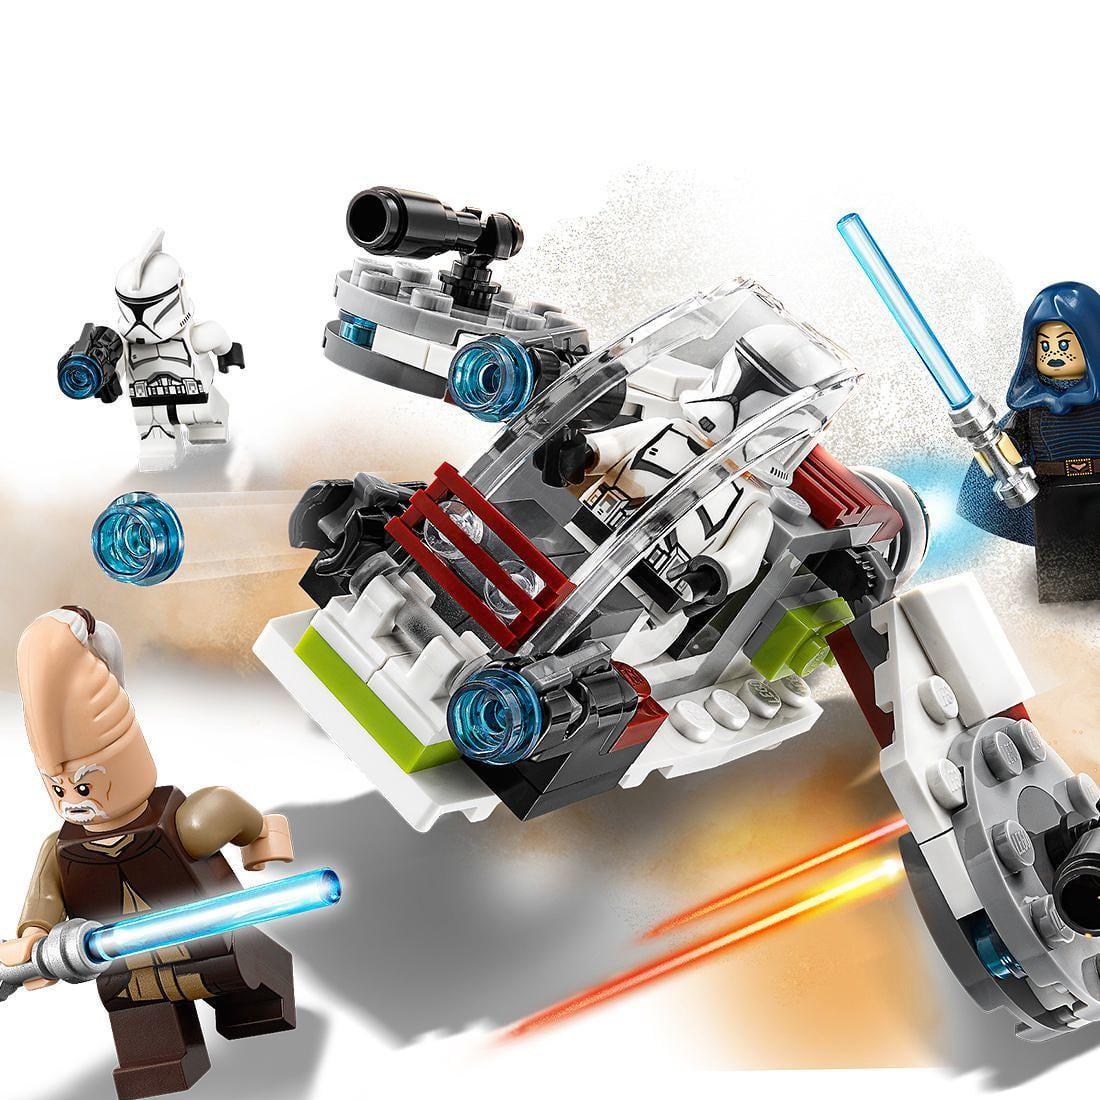 LEGO STAR WARS CONJUNTO COMBATE JEDI E CLONE TROPPER 75206